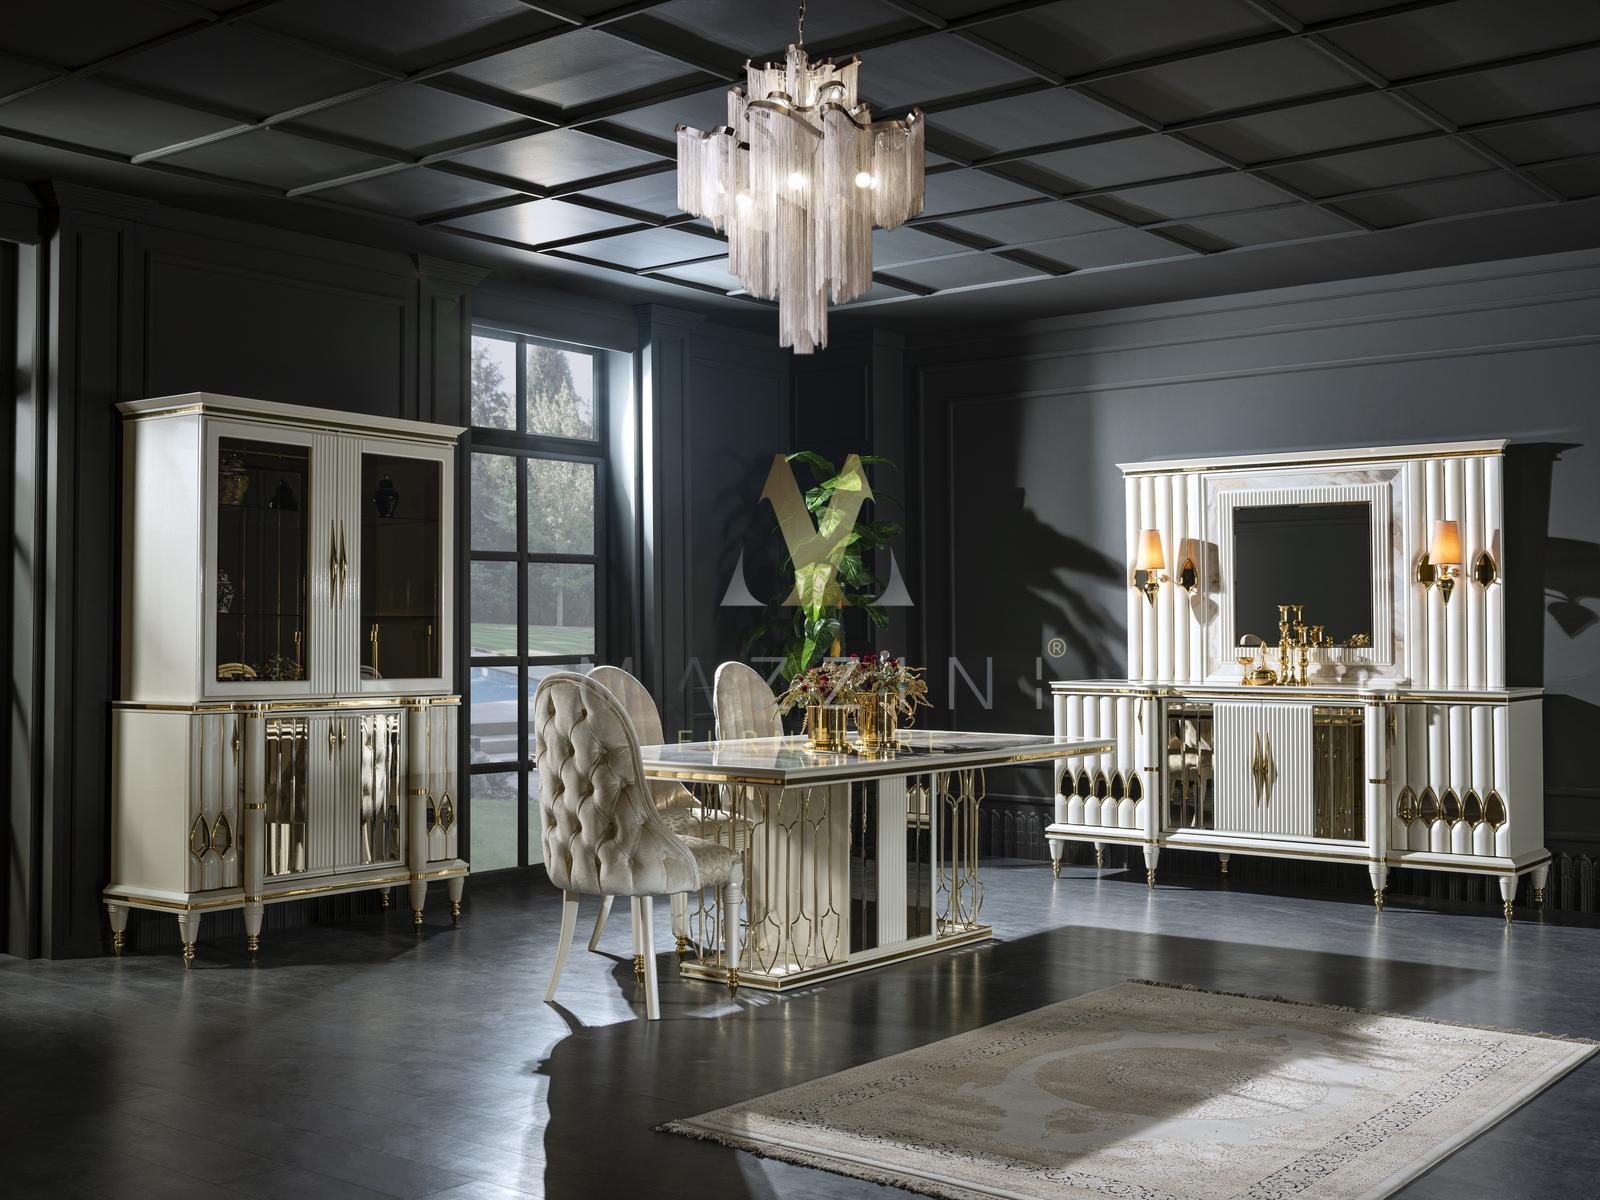 CAPRICE WOONKAMER italiaanse hoogglans woonkamer meubel Actie - Modern ...